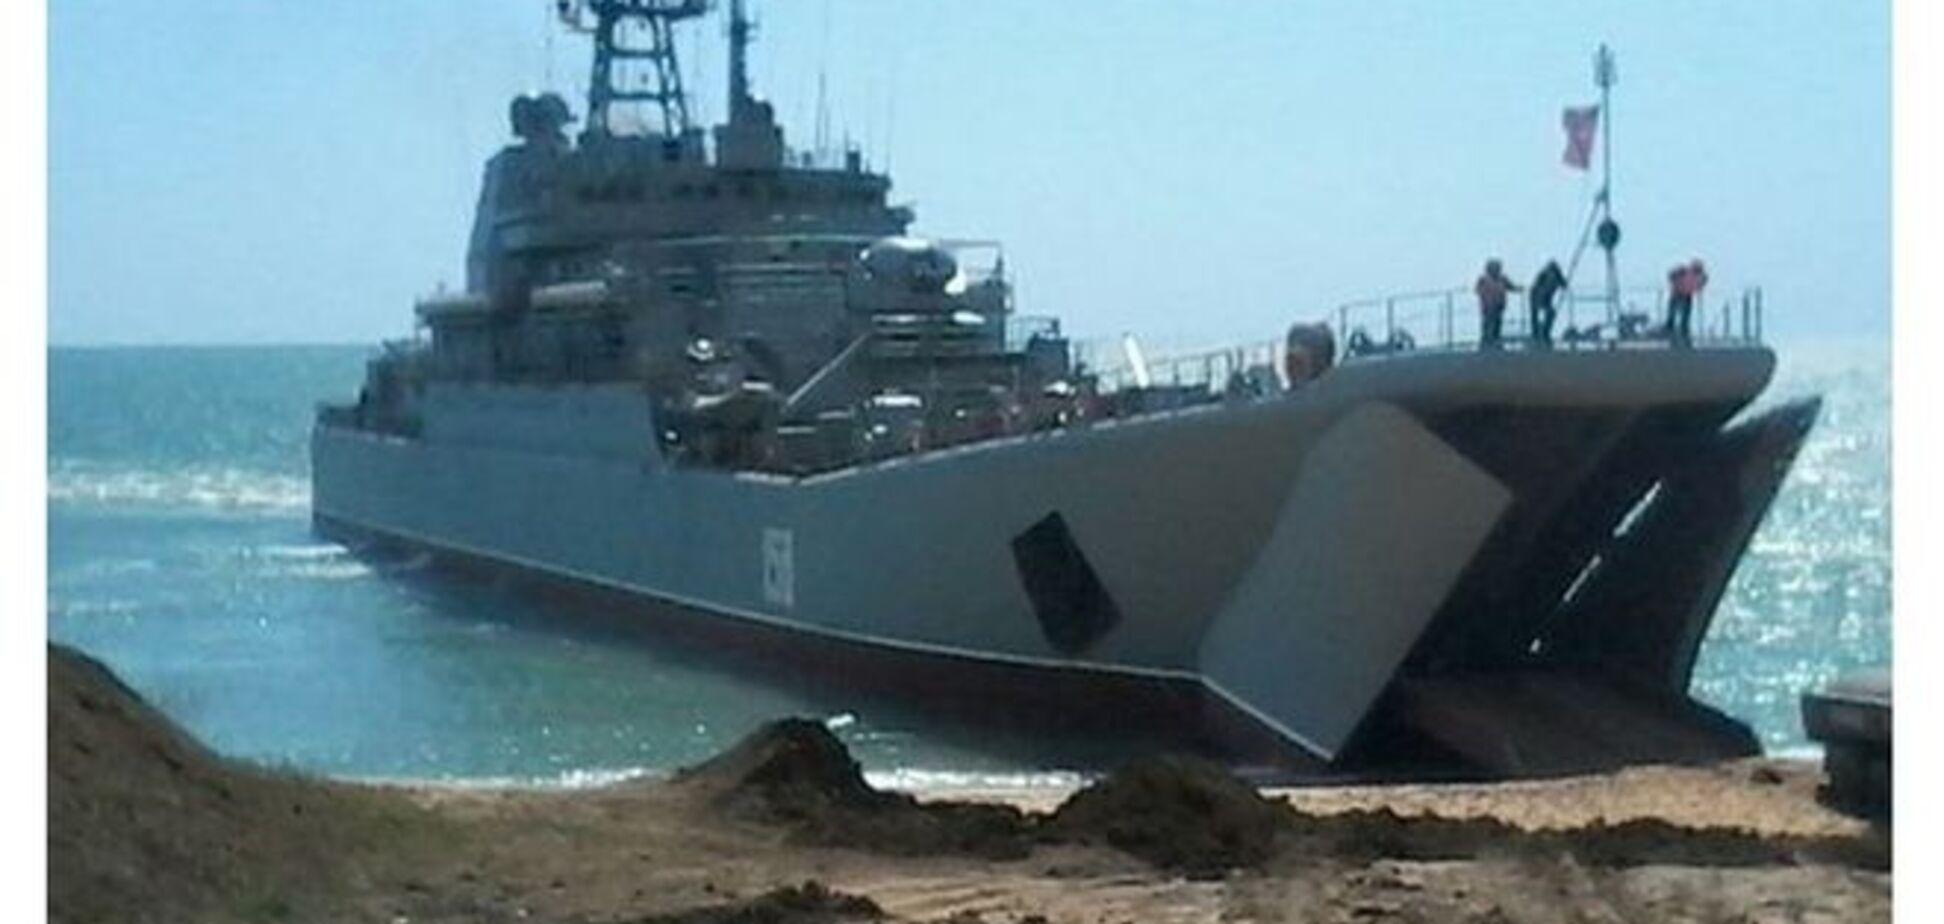 Російські війська проводять інтенсивну підготовку з висадки морського десанту в Криму: фотодокази